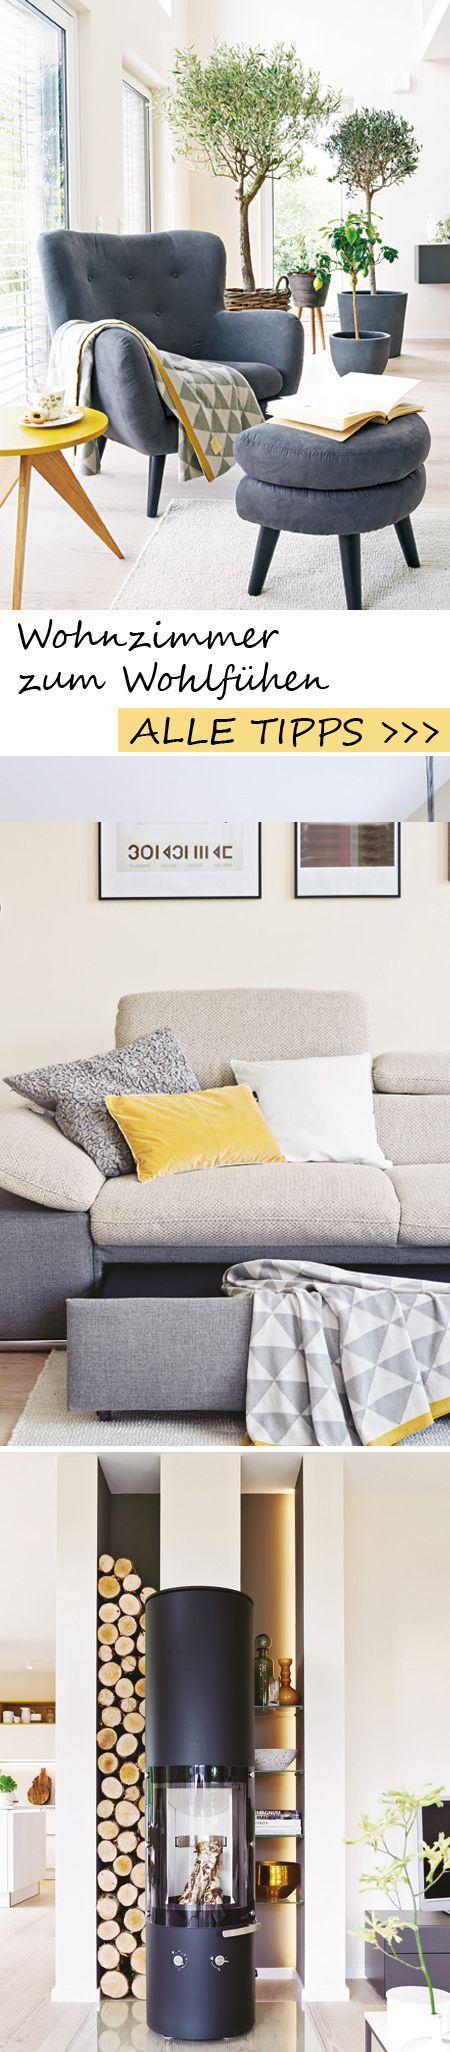 Große fenster ein offener grundriss und moderne möbel zaubern im wohnzimmer